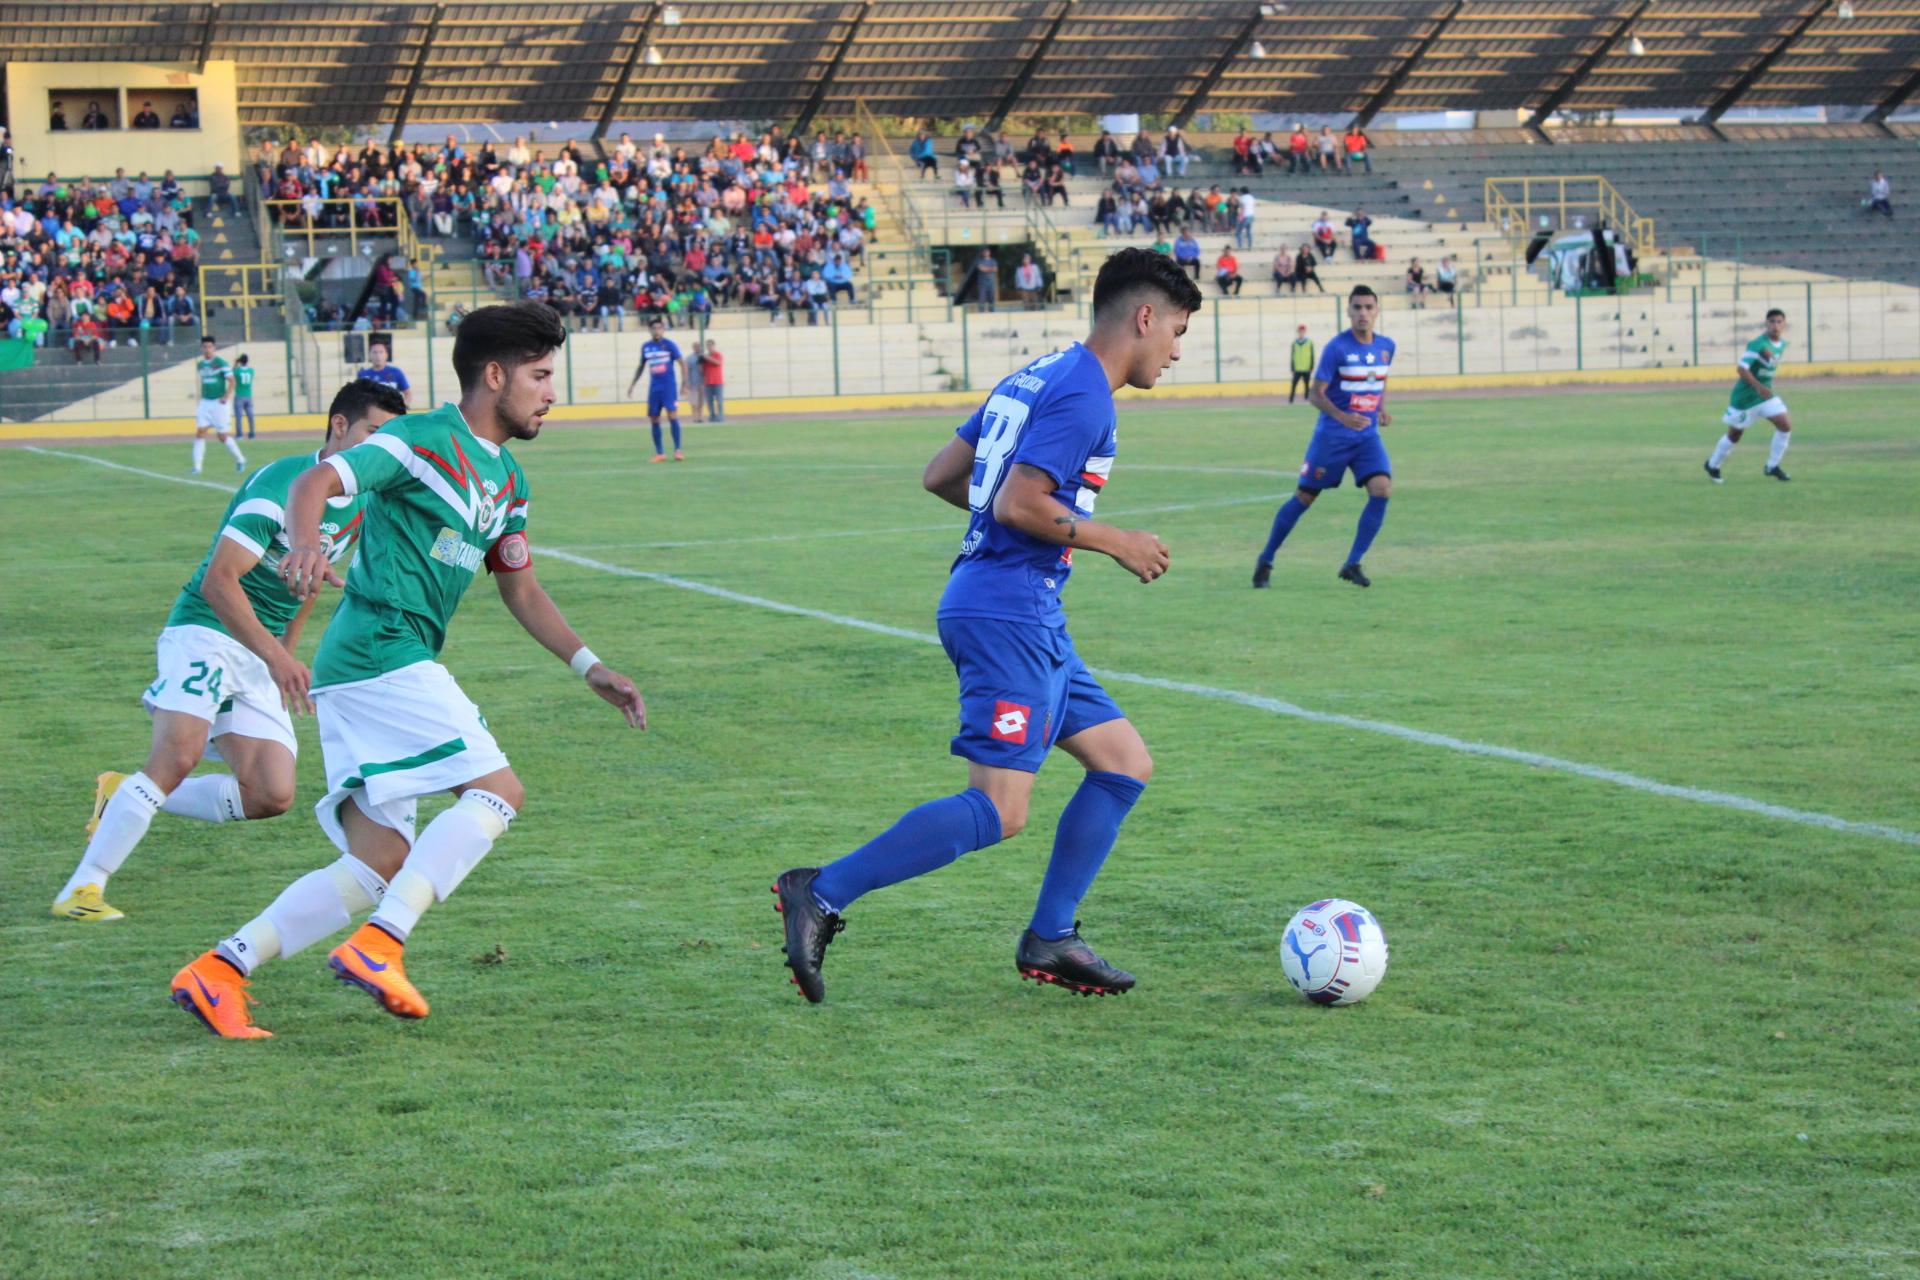 Deportes Vallenar podría clasificar este sábado a Segunda División